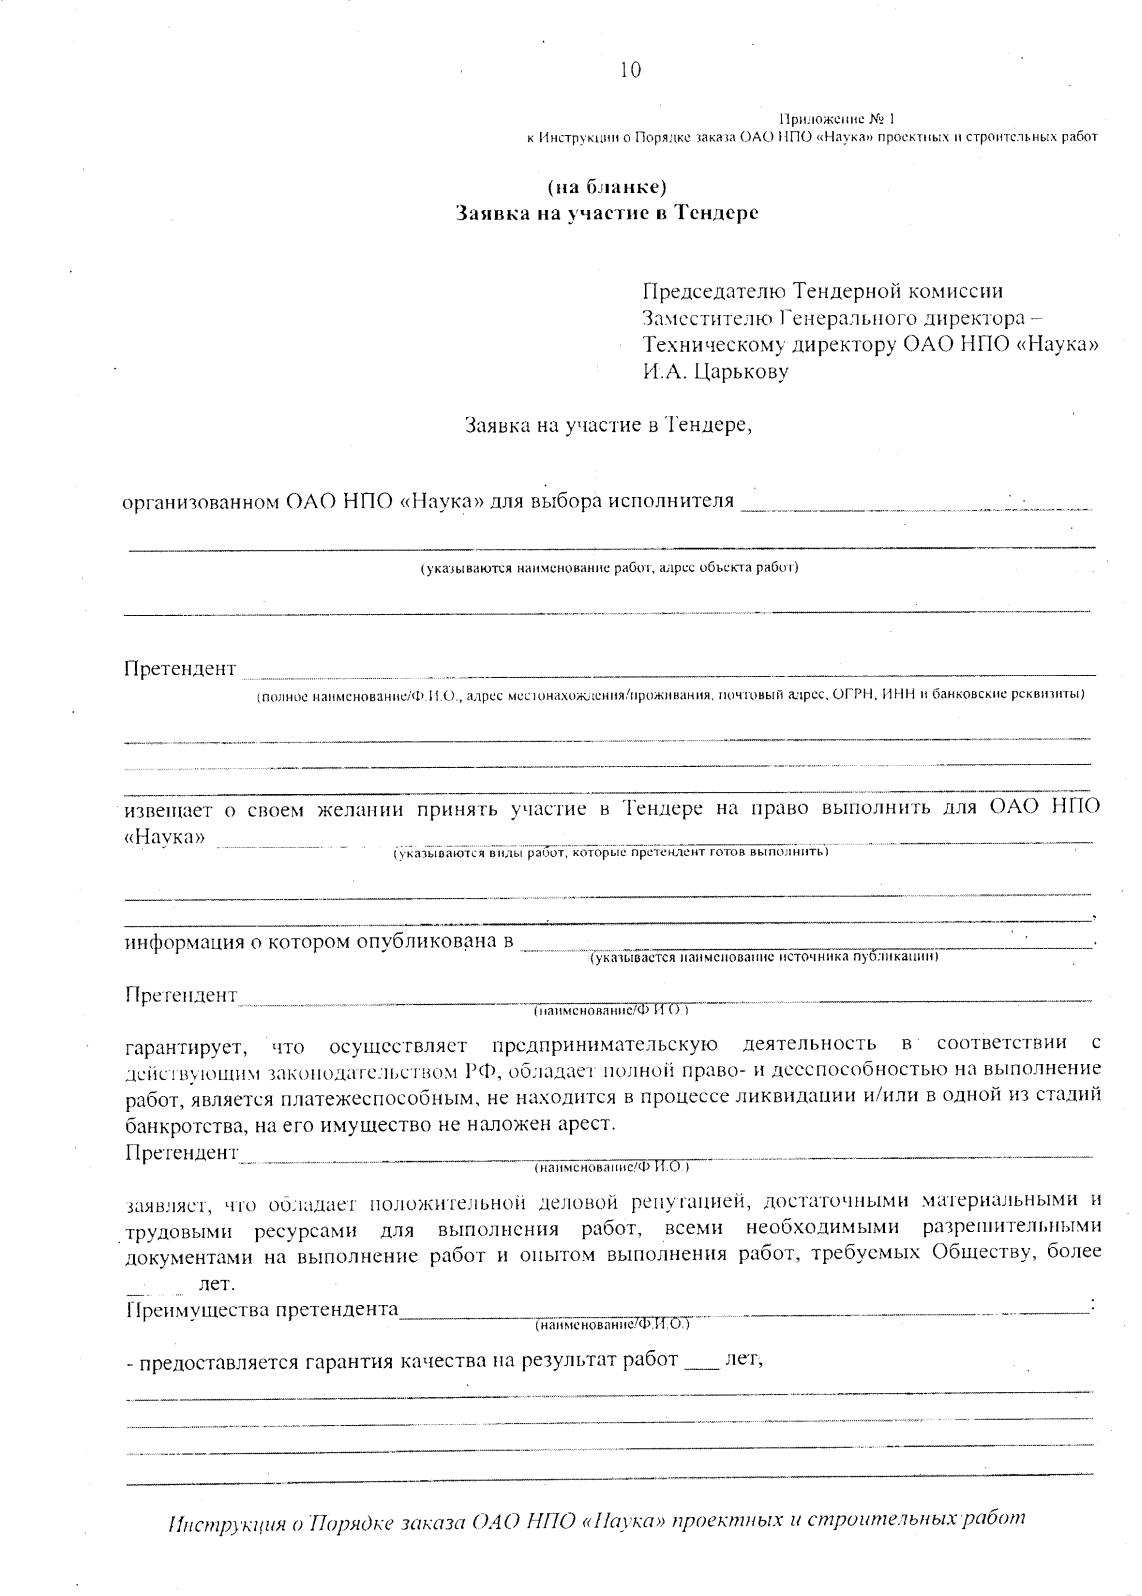 Заявка на участие в тендере